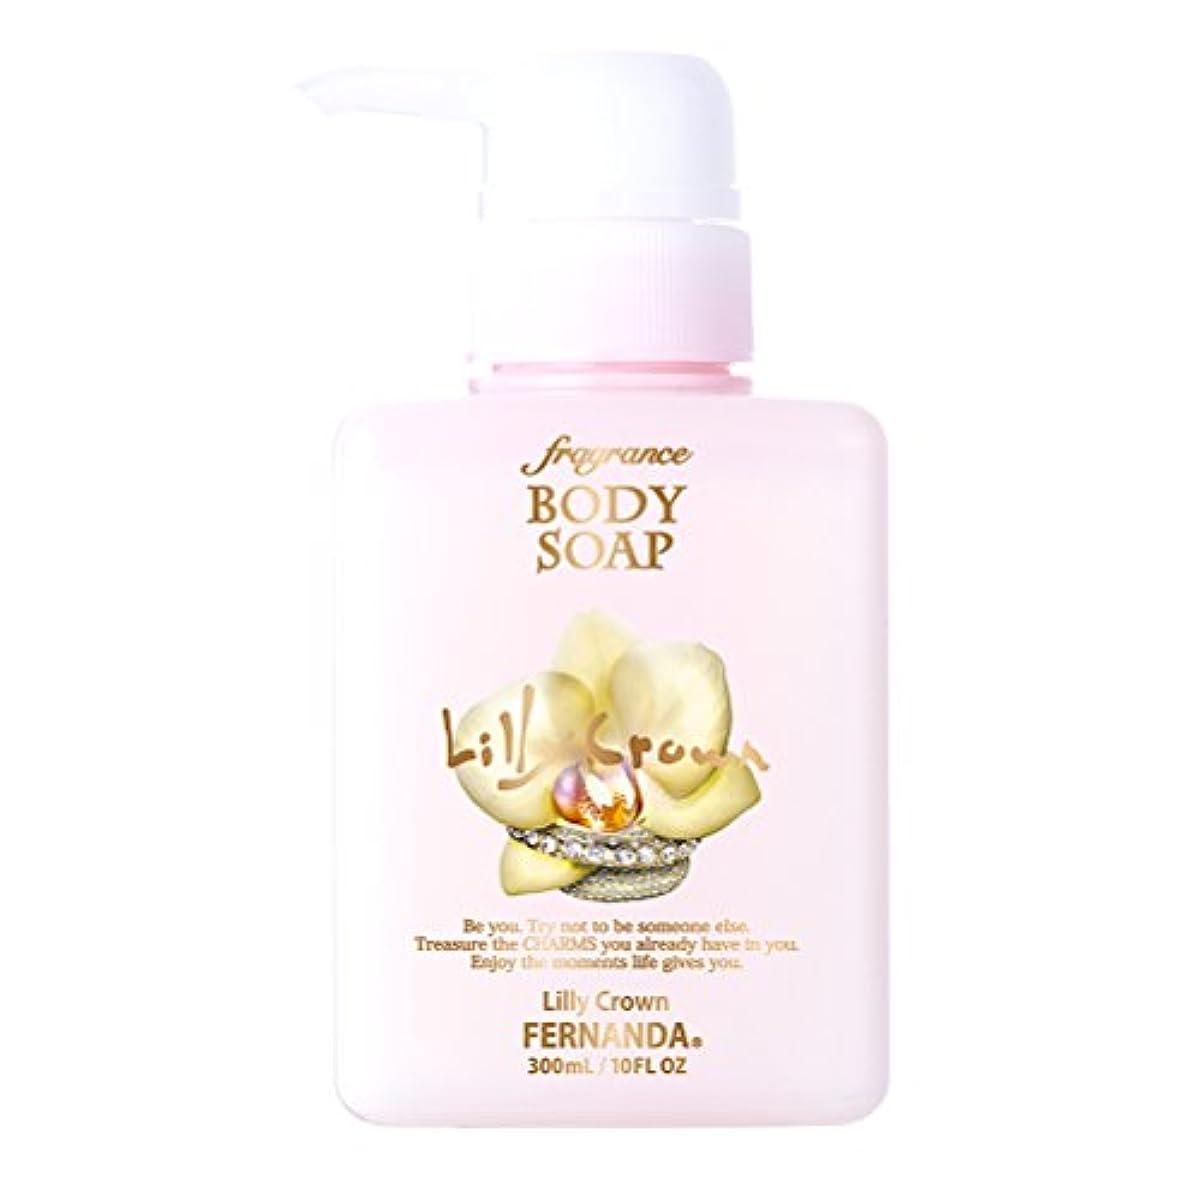 ビスケットラリー責めるFERNANDA(フェルナンダ) Fragrance Body Soap Lilly Crown (ボディソープ リリークラウン)